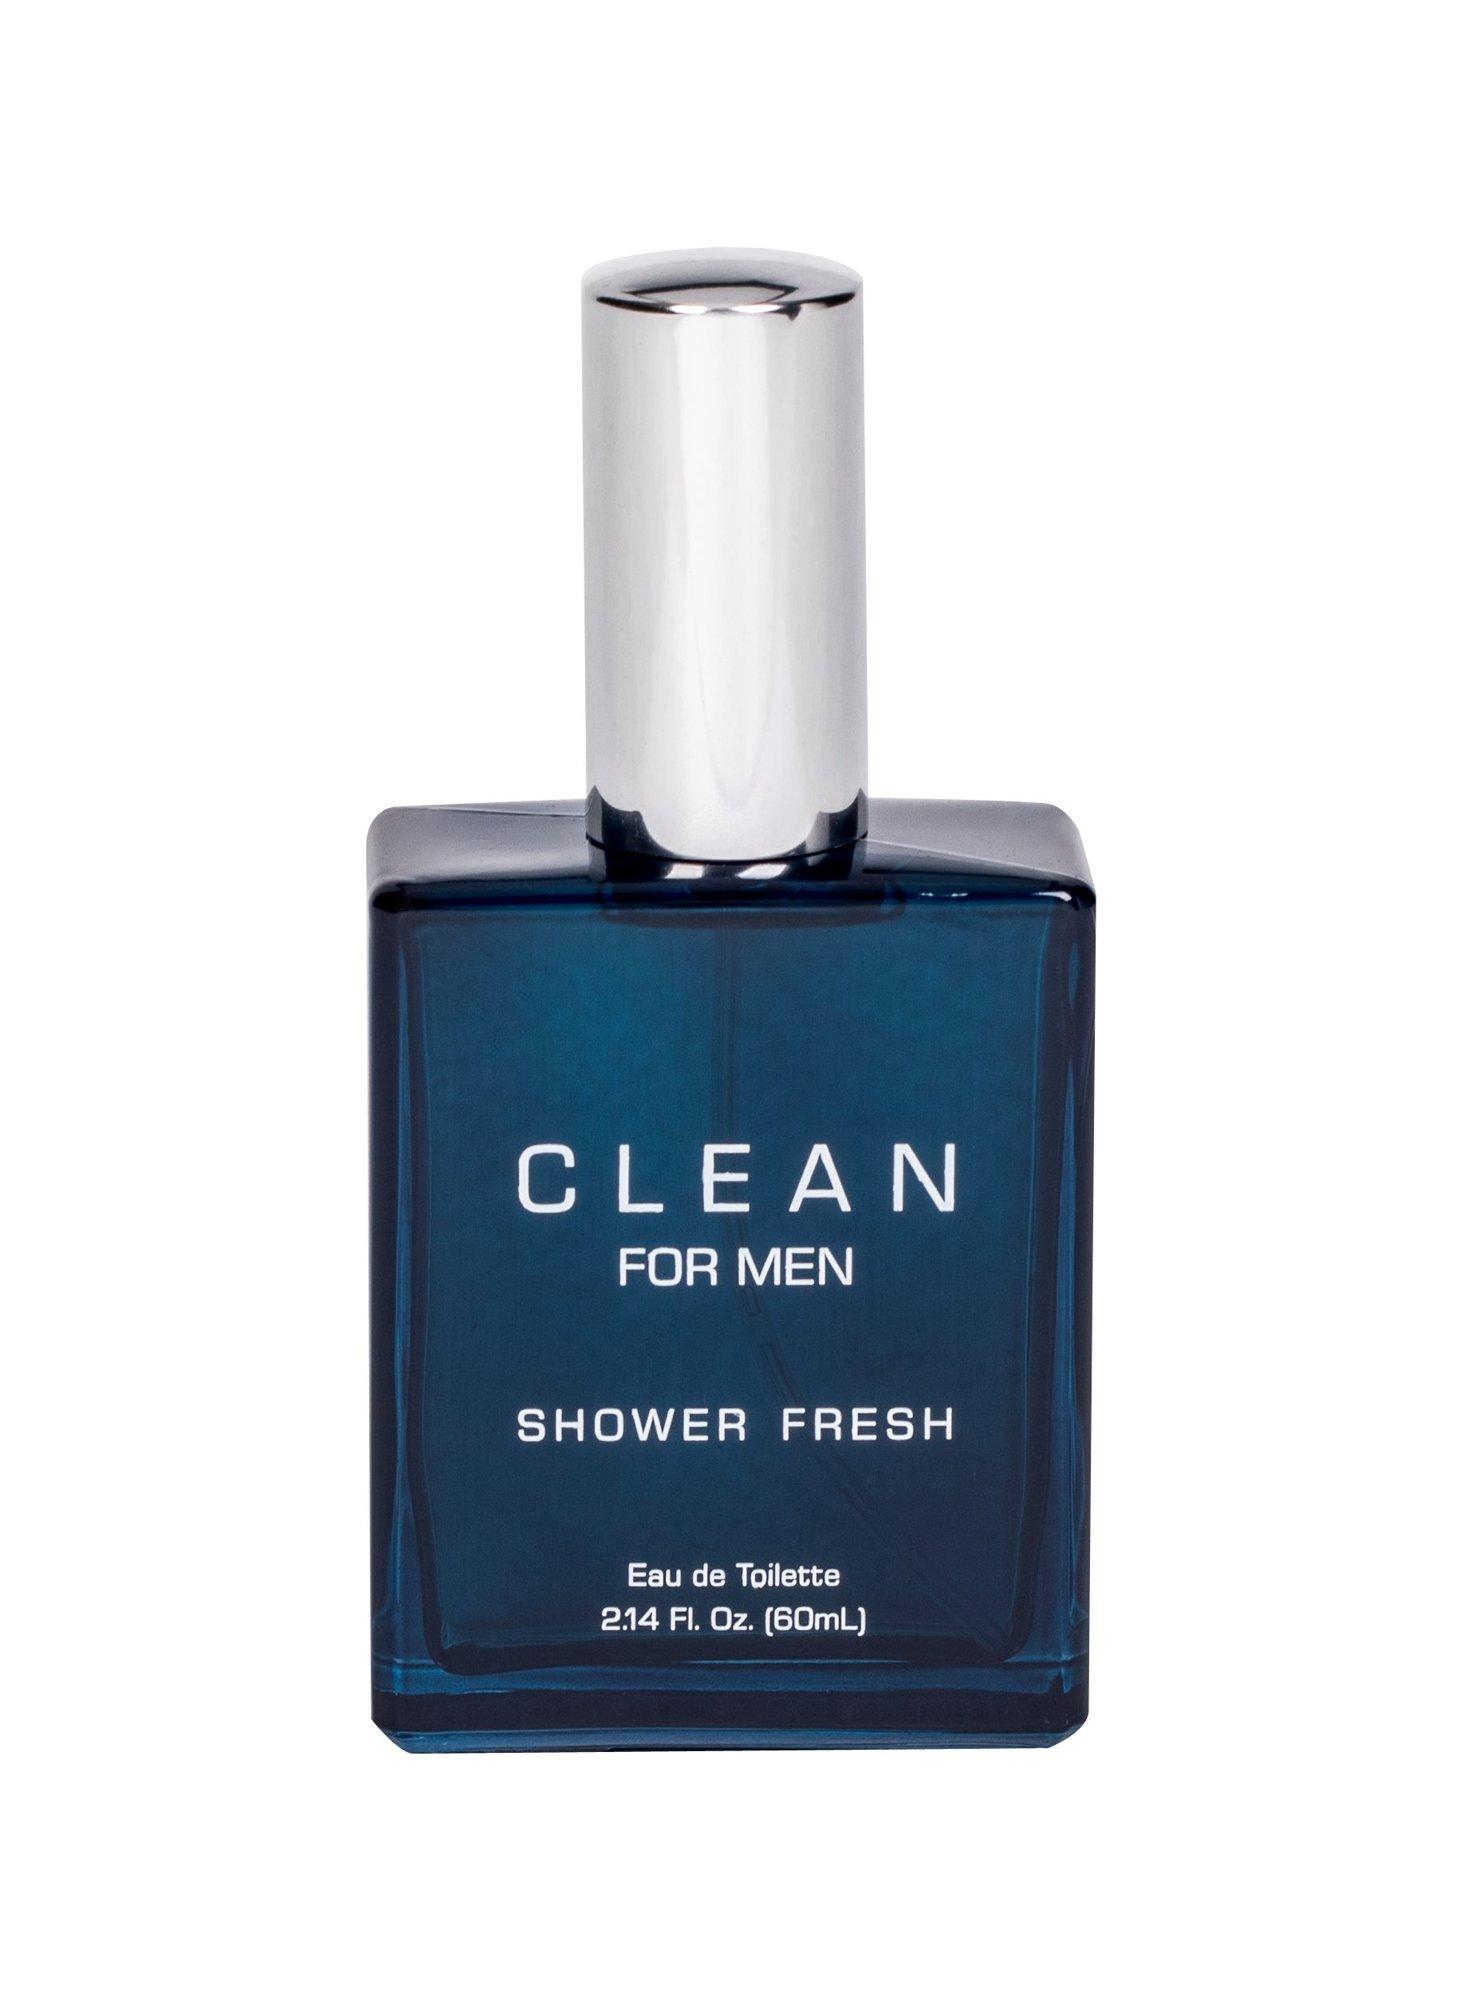 Clean For Men Eau de Toilette 60ml